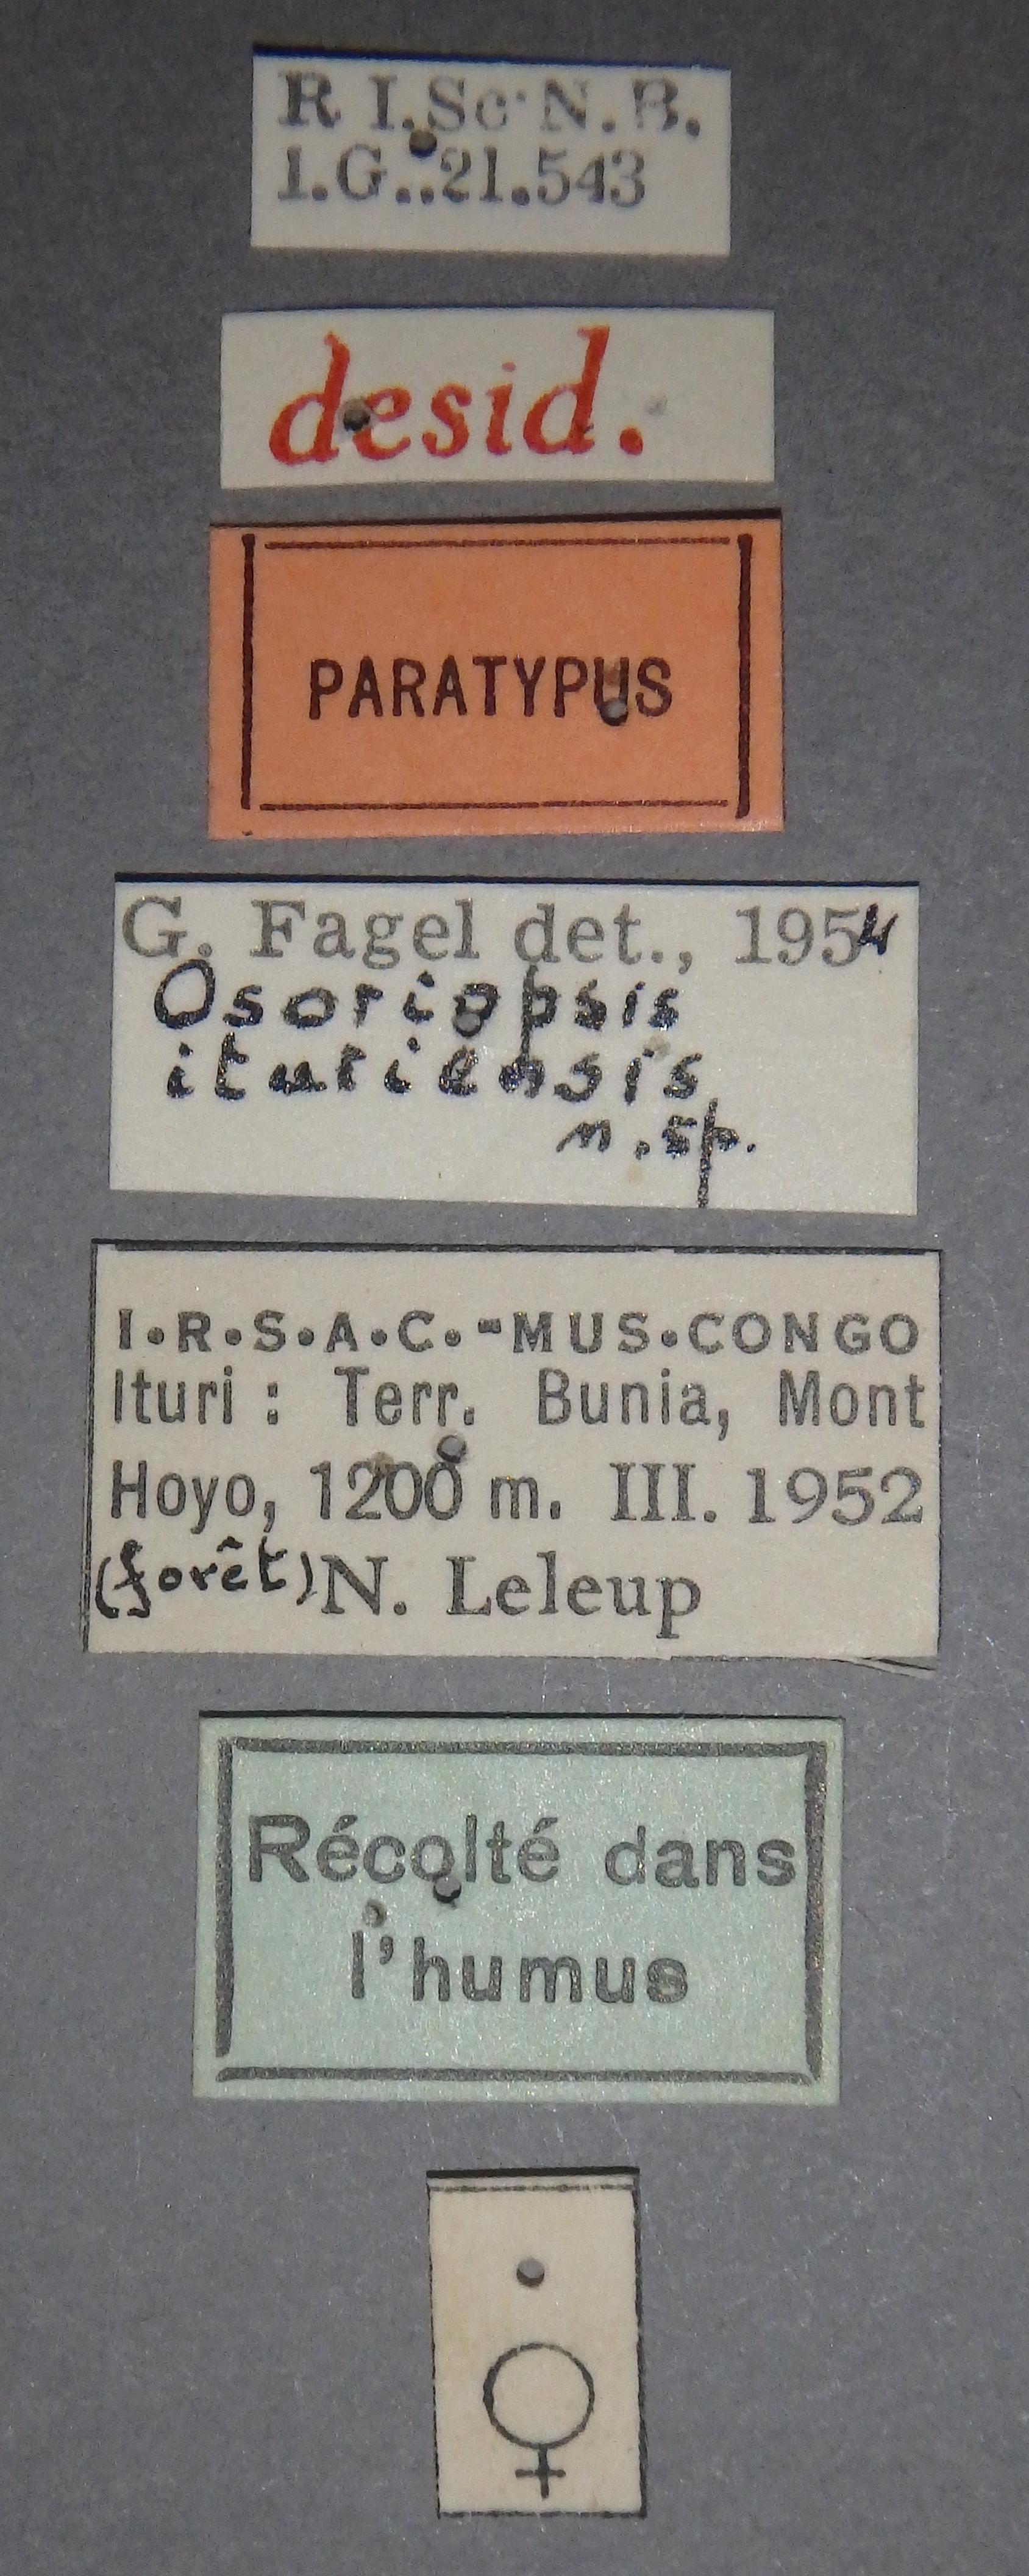 Osoriopsis ituriensis pt Lb.JPG